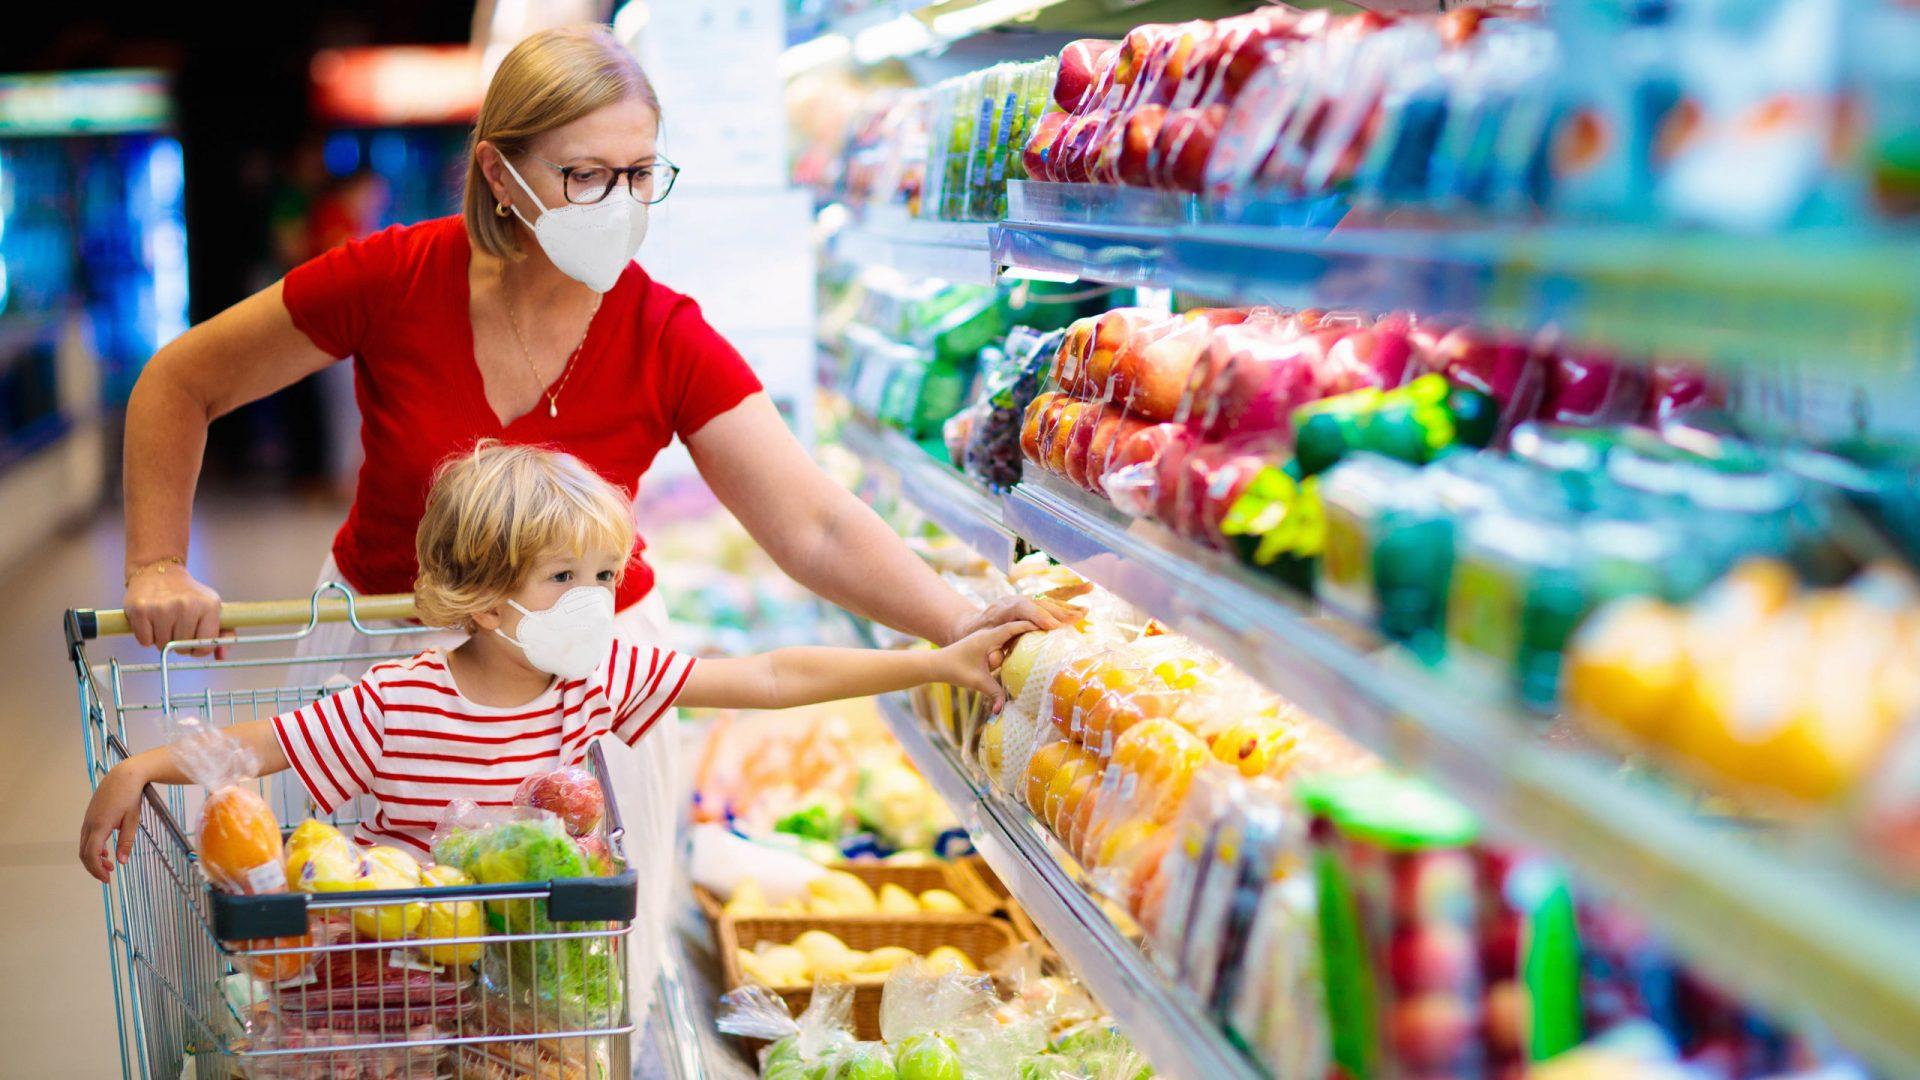 sanificazione supermercato